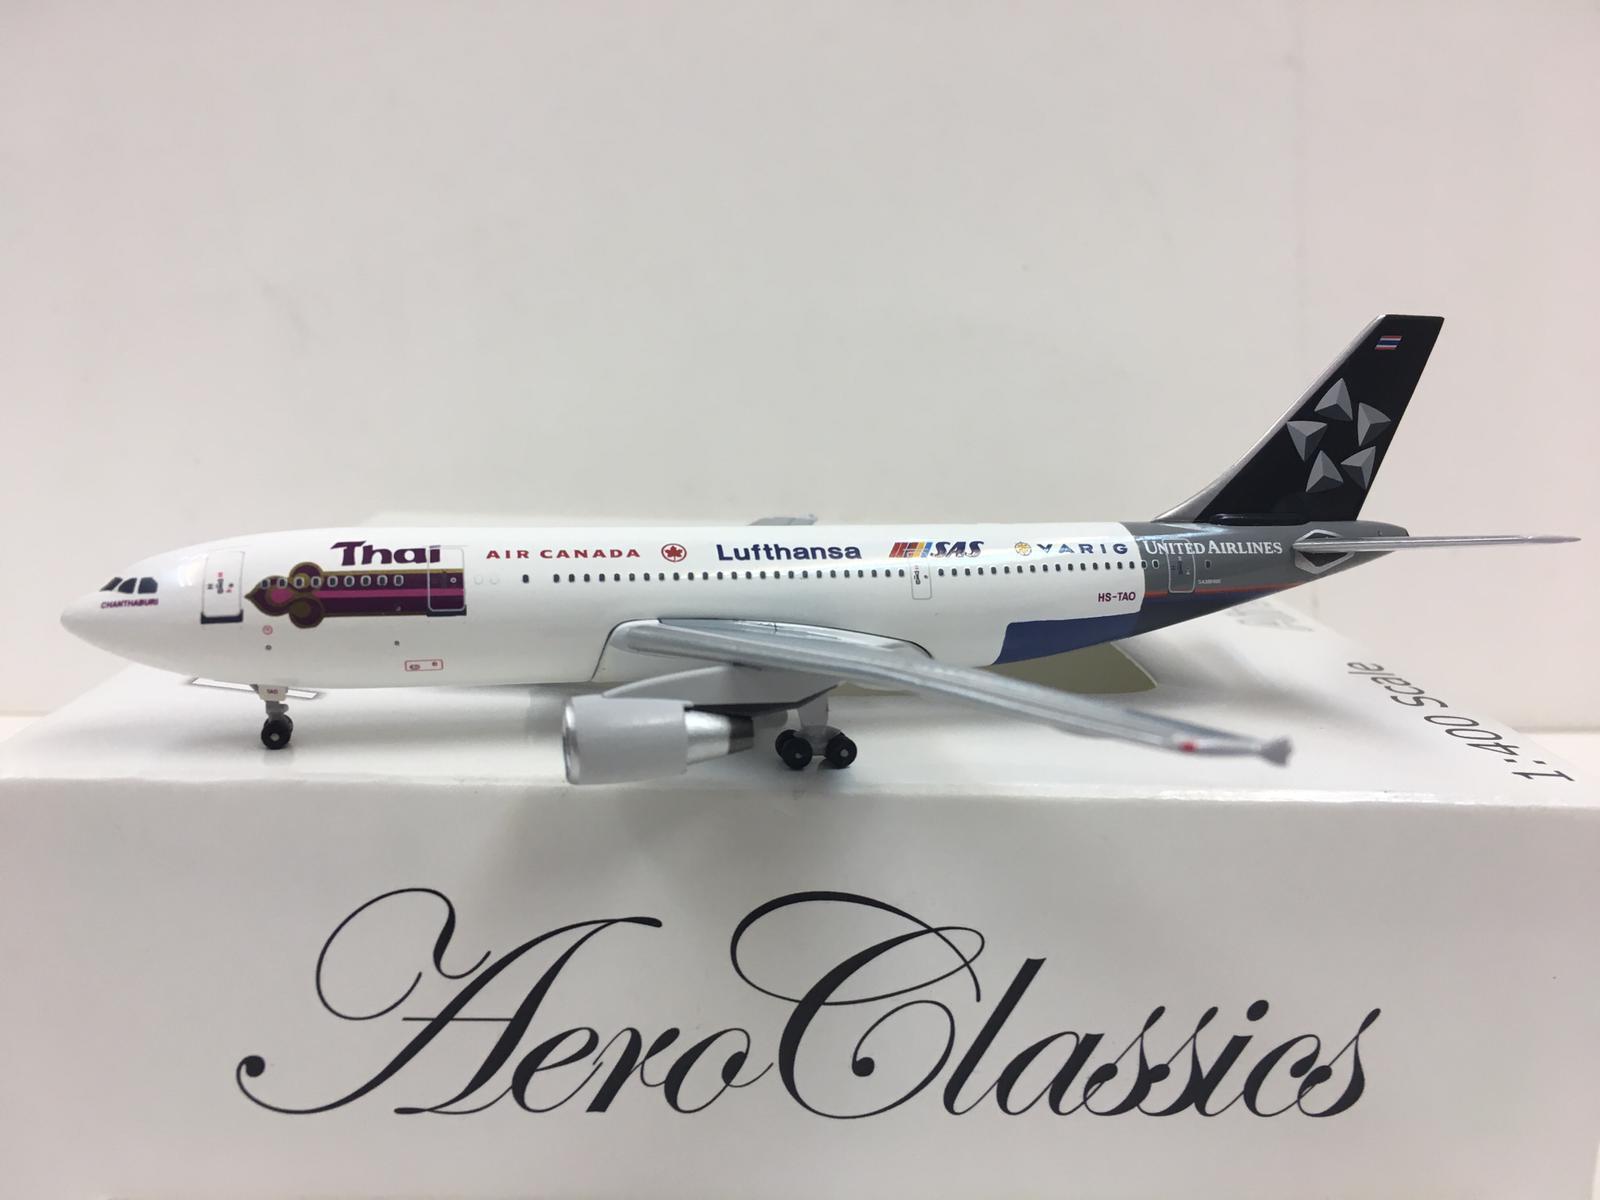 Aeroclassics Thai Airways Star Alliance Airbus A300 1 400 400 400 cabeza scultp-Tao e9a3fa